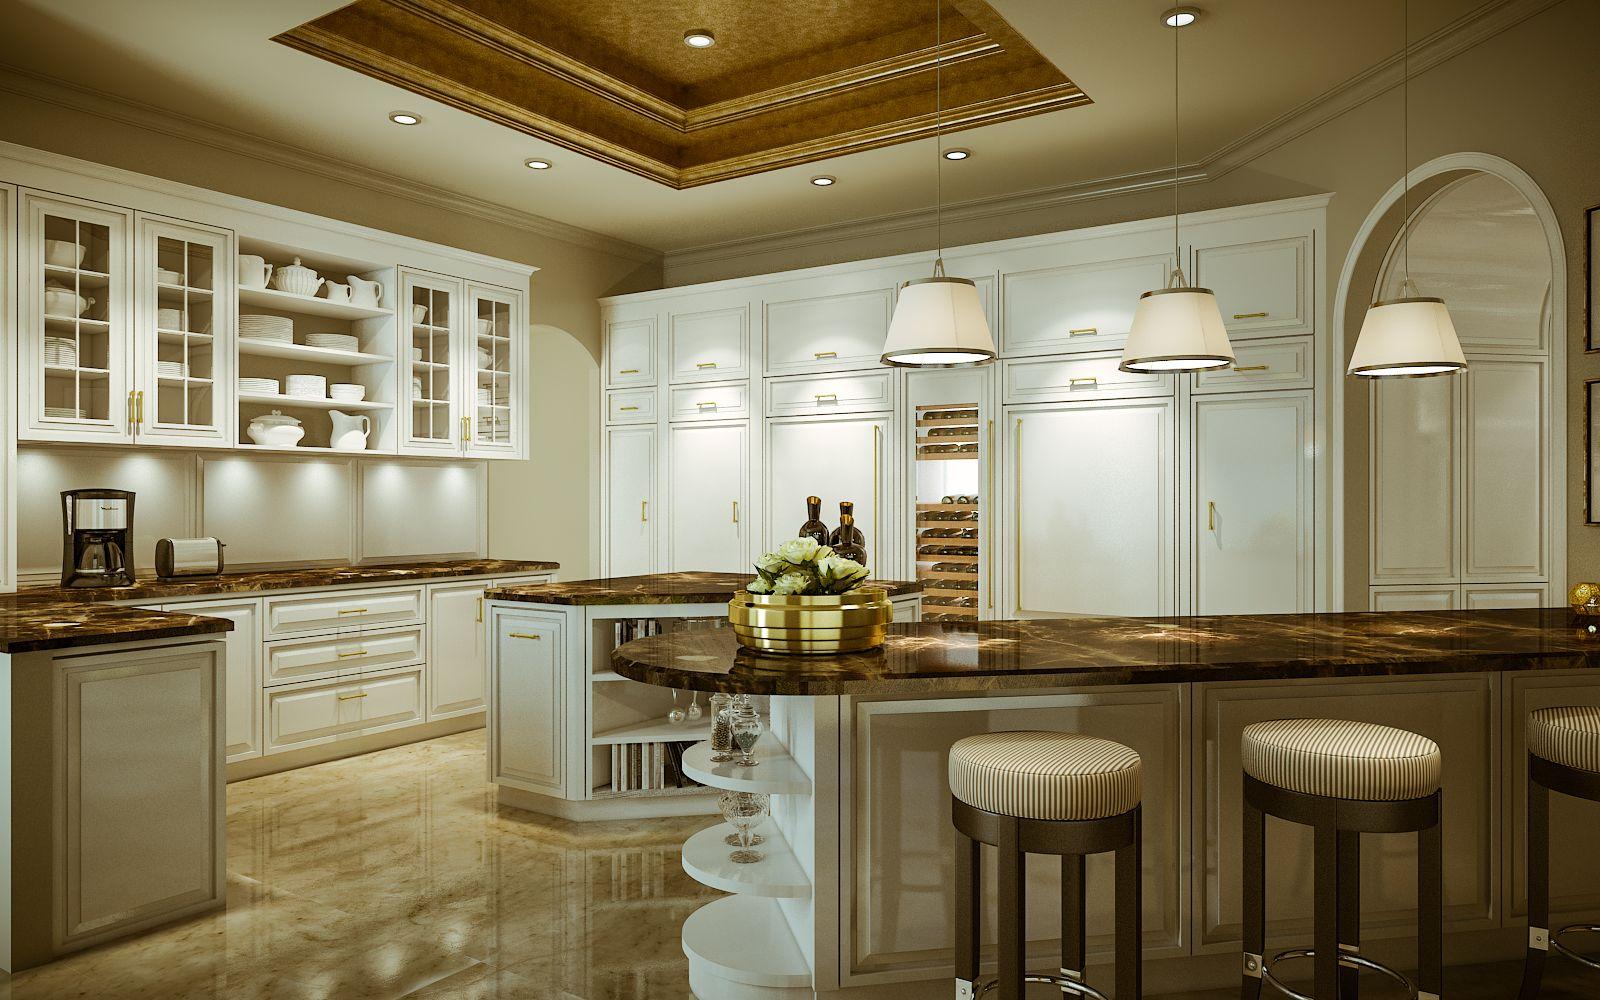 Family Home Kitchen - NY 295